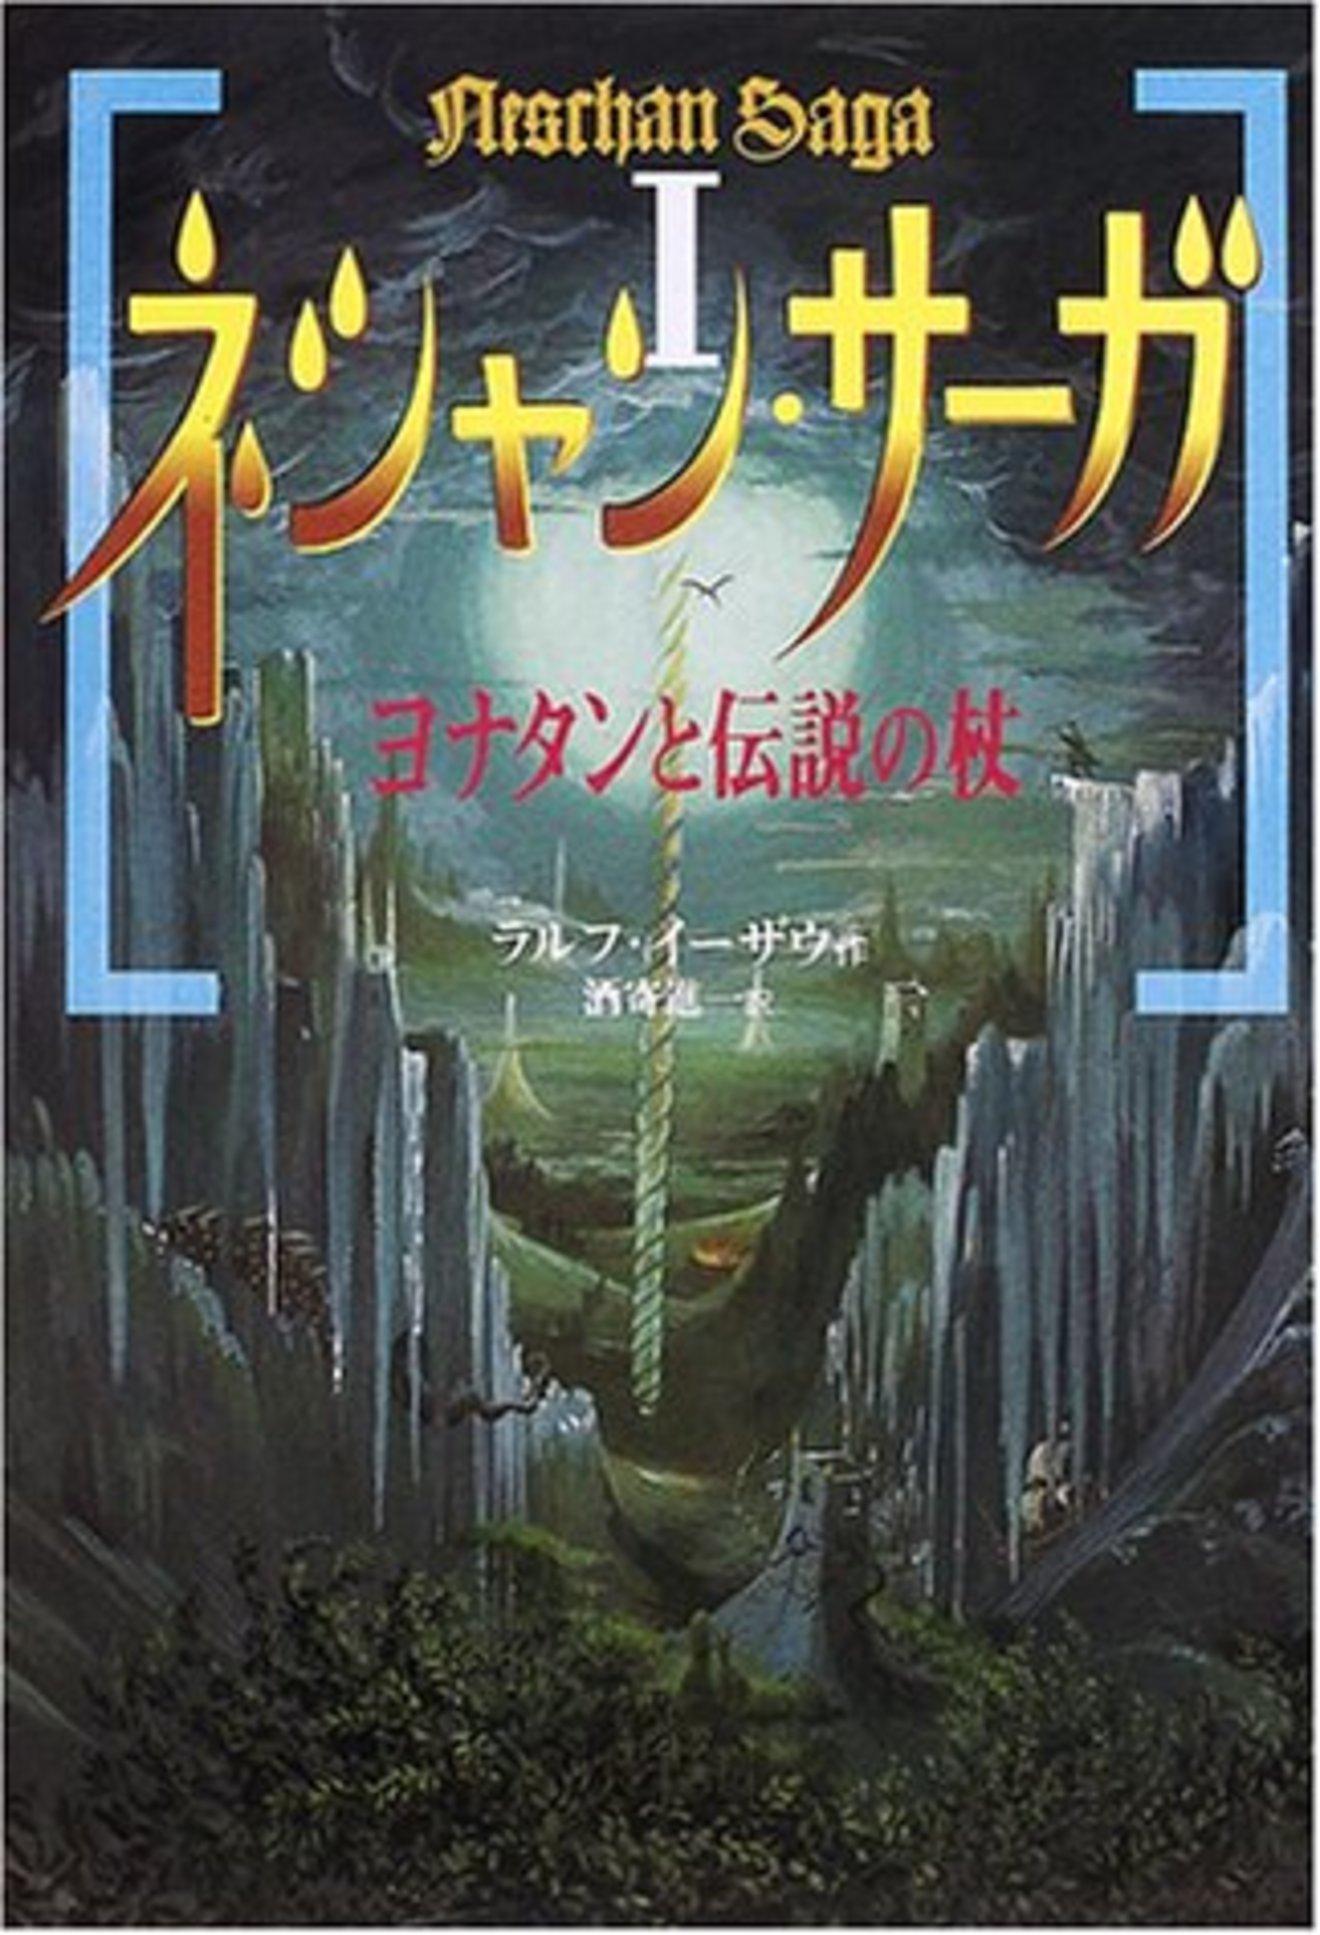 「ネシャン・サーガ」シリーズが面白い!各巻の魅力やラルフ・イーザウを紹介